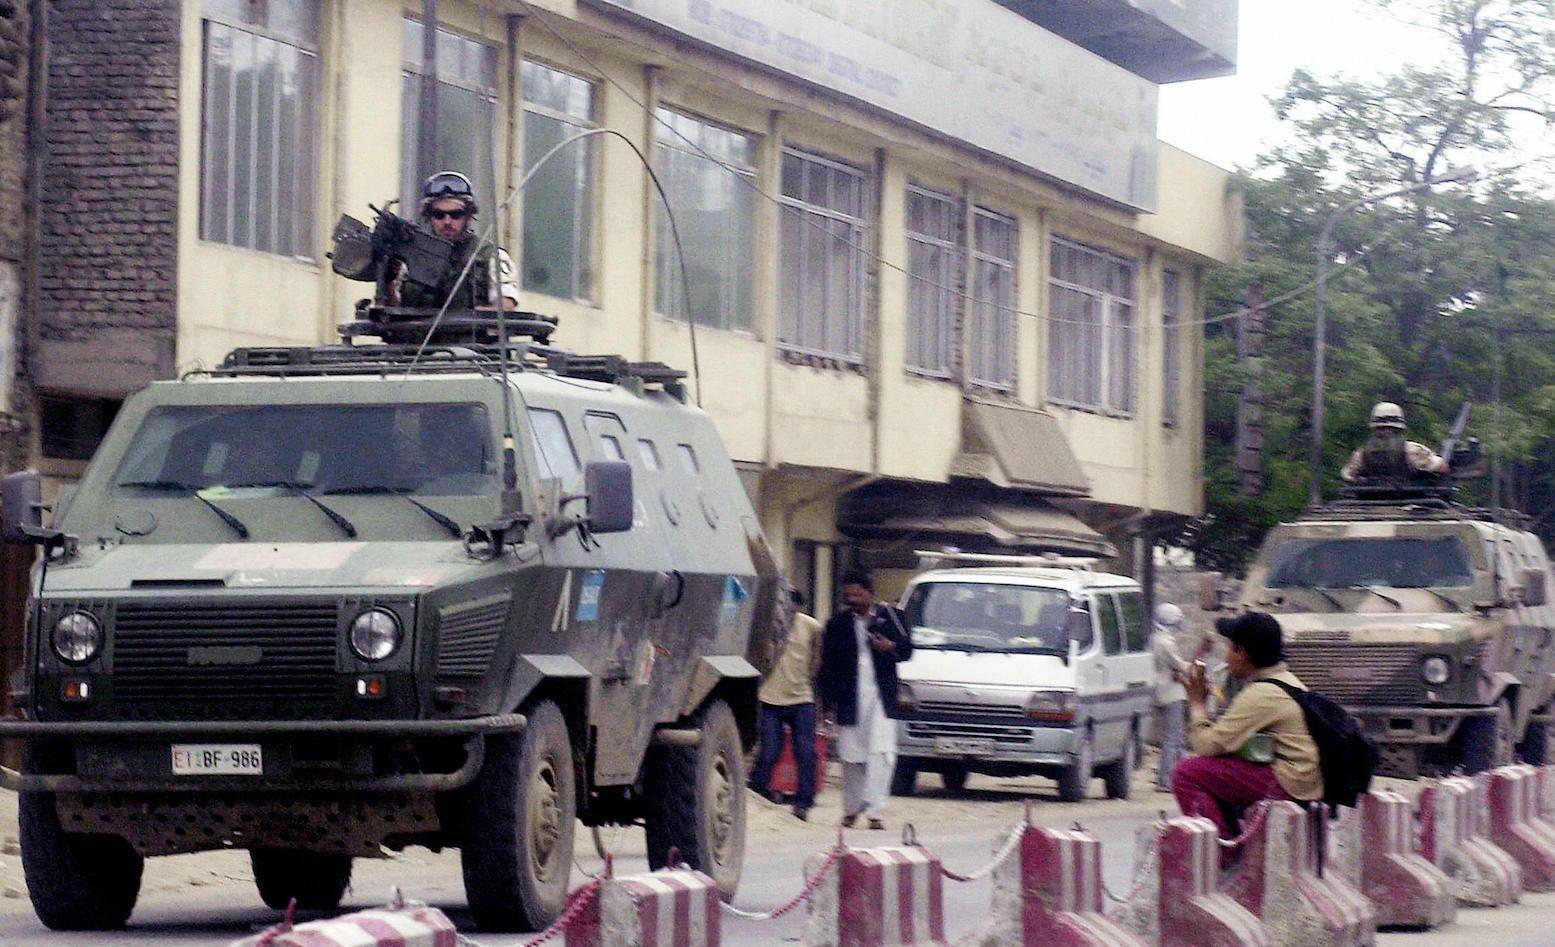 Soldati italiani per le strade di Kabul, maggio 2005.    (Foto: SHAH MARAI/AFP via Getty Images).